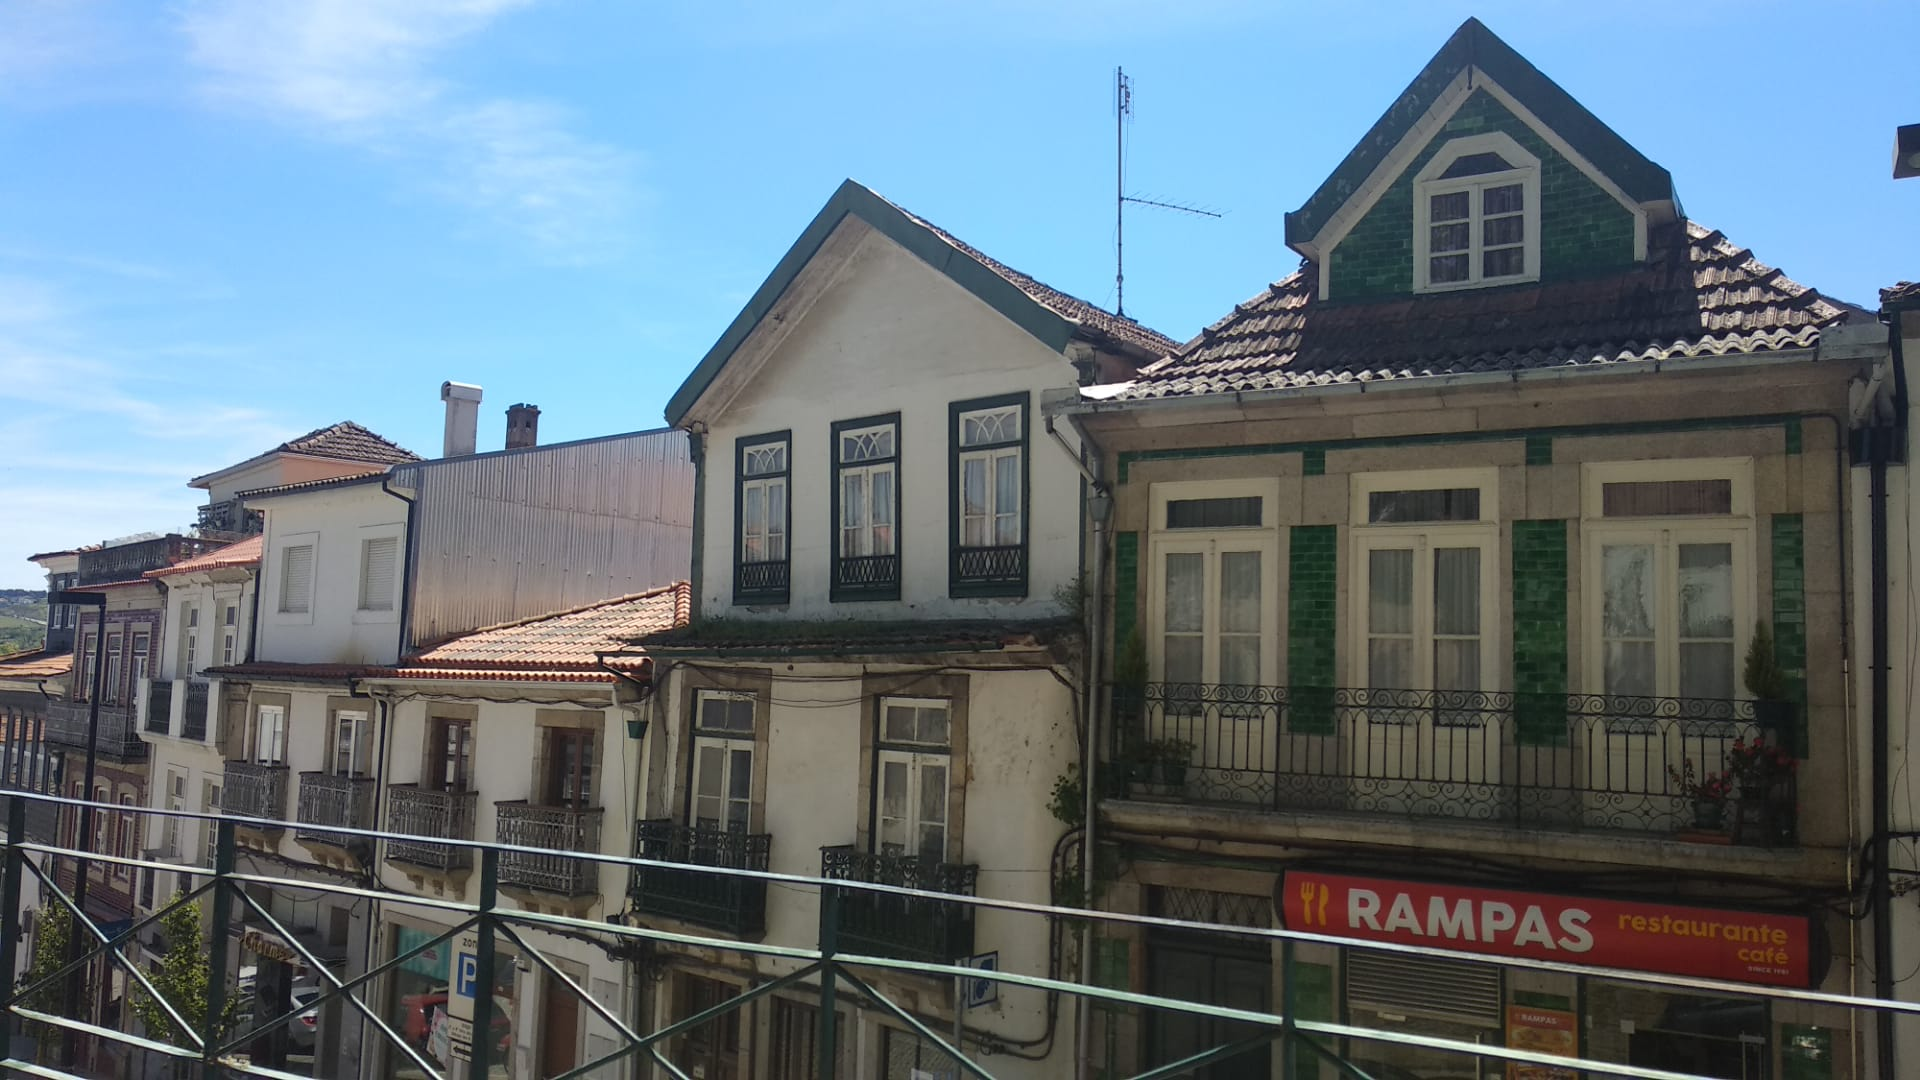 Preços das casas aumentam no interior. Viseu, Vila Real e Mirandela são os concelhos mais caros